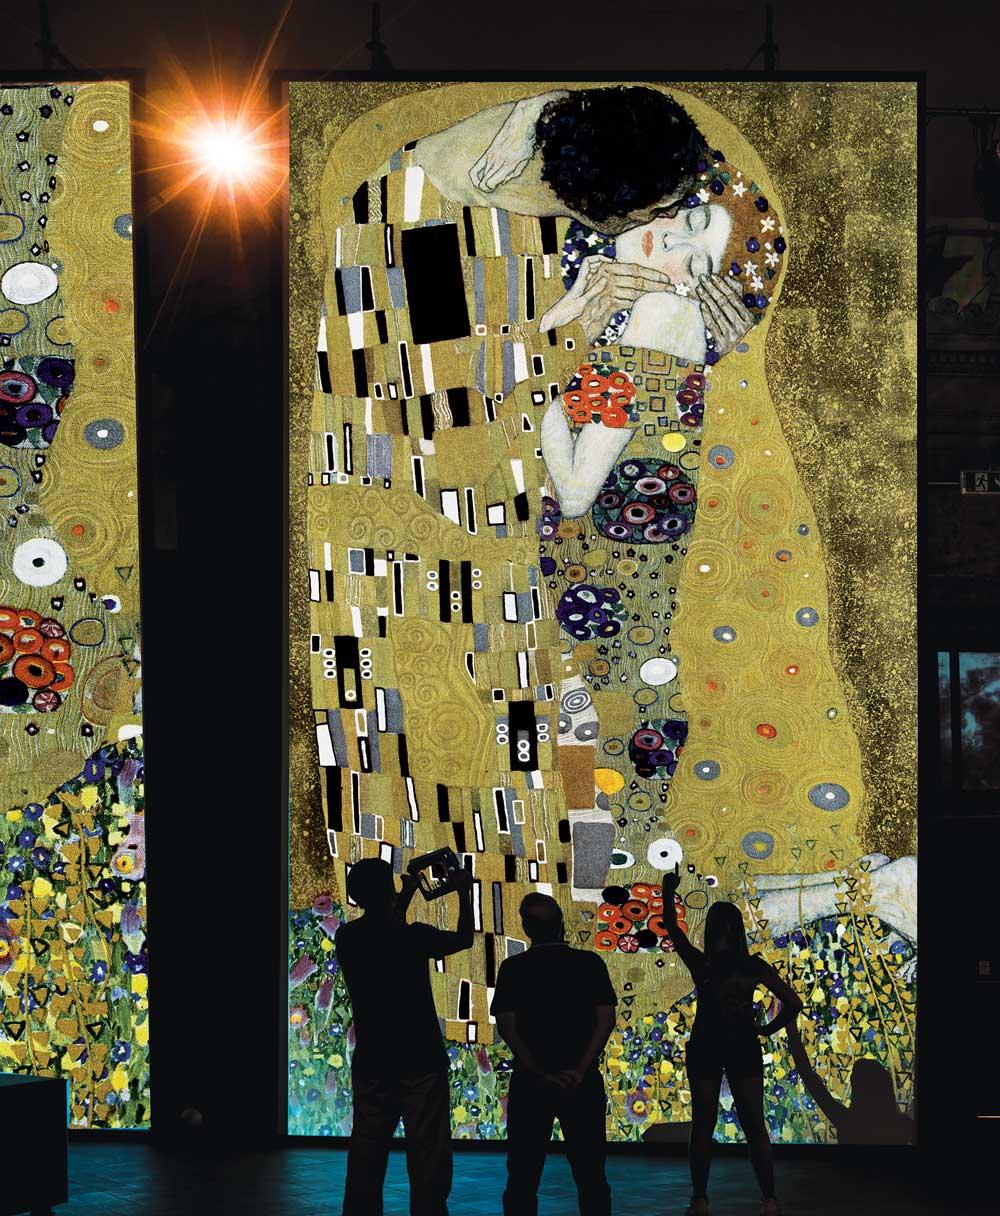 G. Klimt - Il bacio, olio su tela, 1907-1908, Oesterreichische Galerie im Belvedere, Vienna.